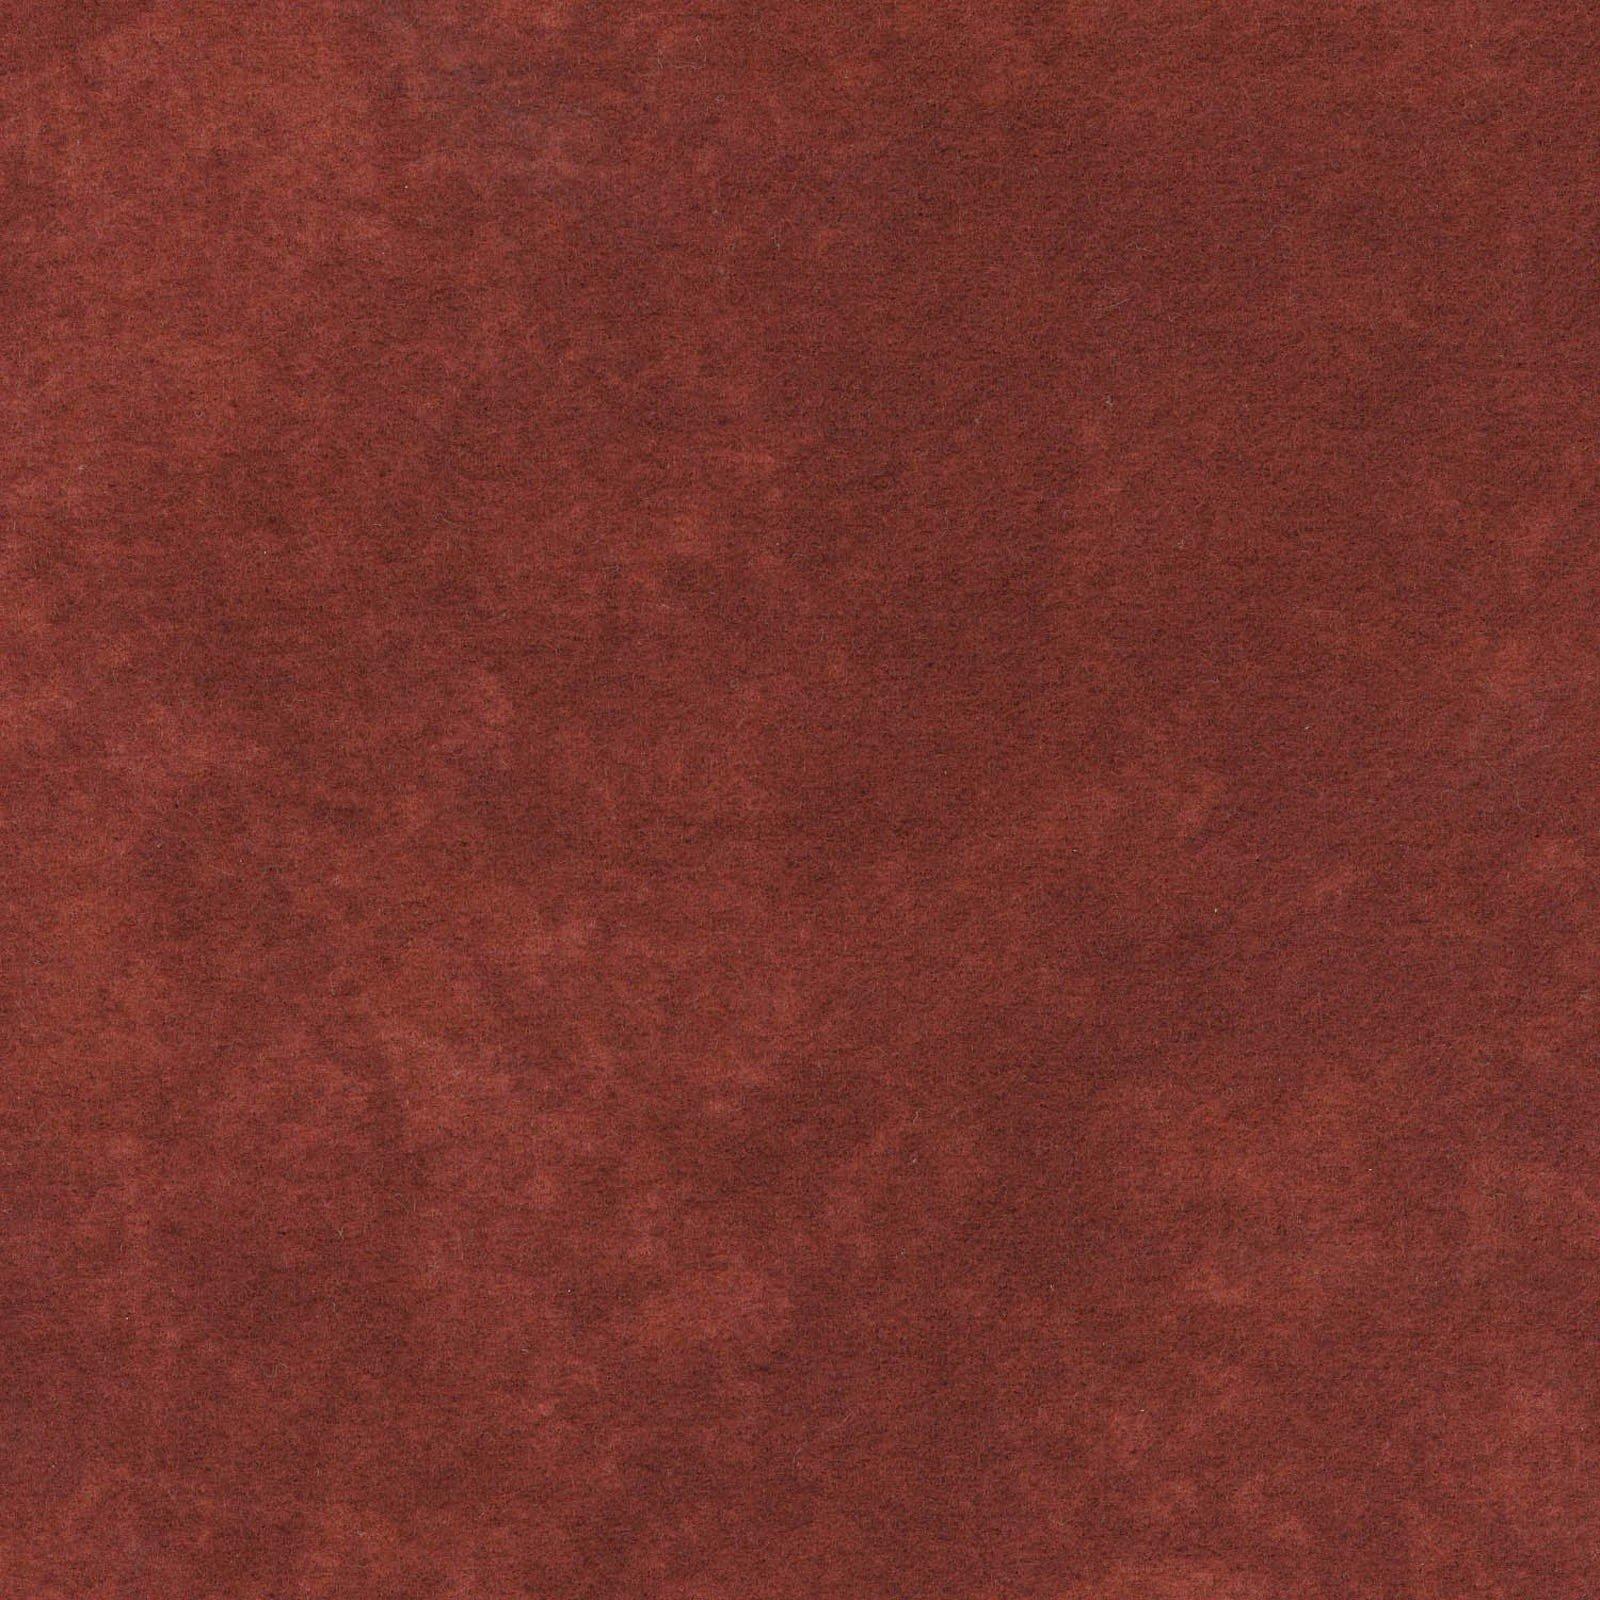 Shadow Play Flannel - MASF513-R14